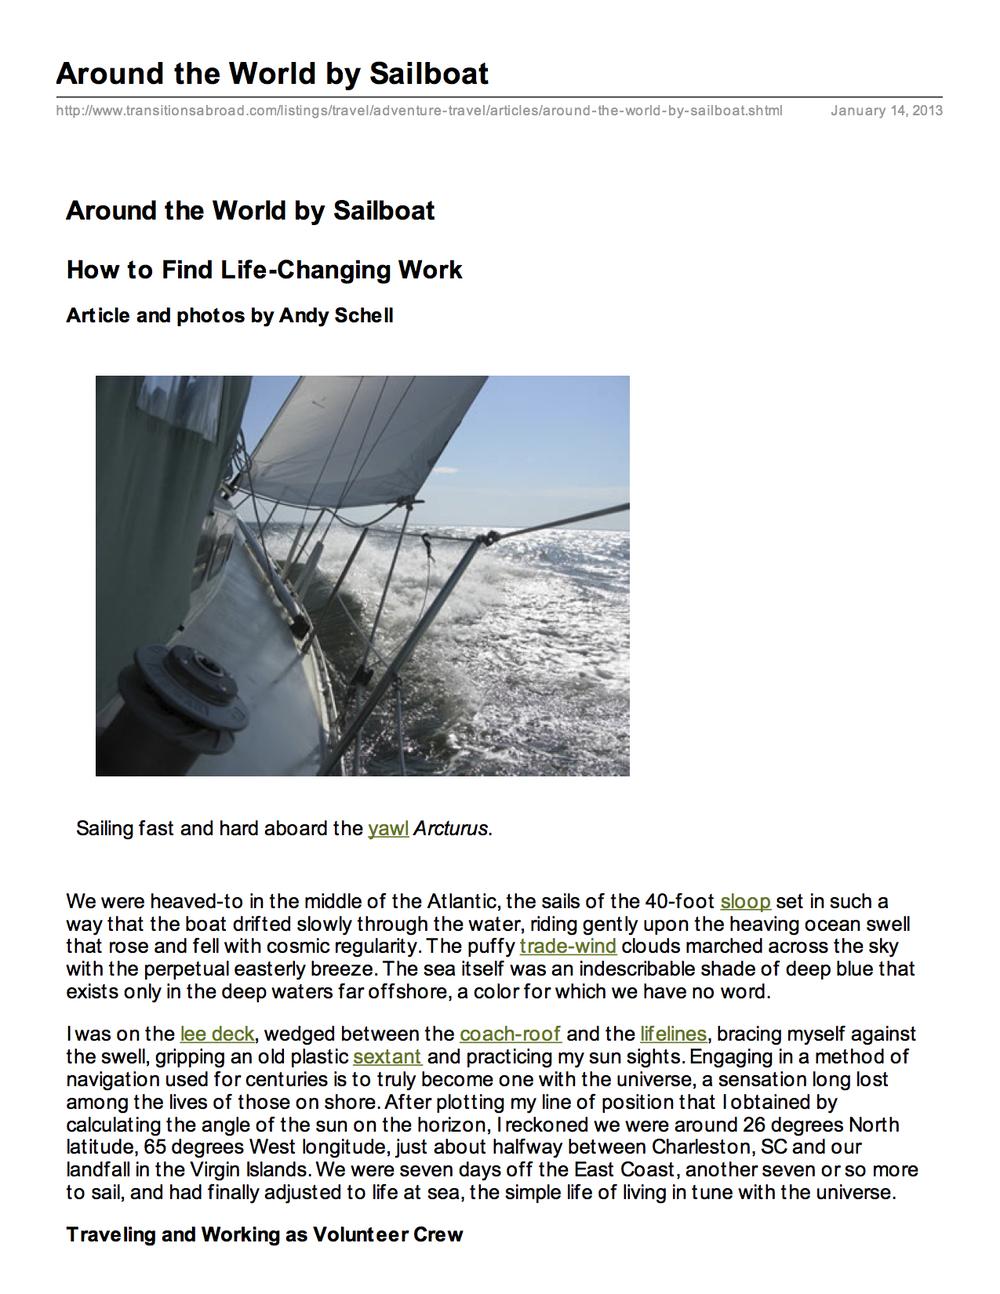 TA_Sailing.jpg